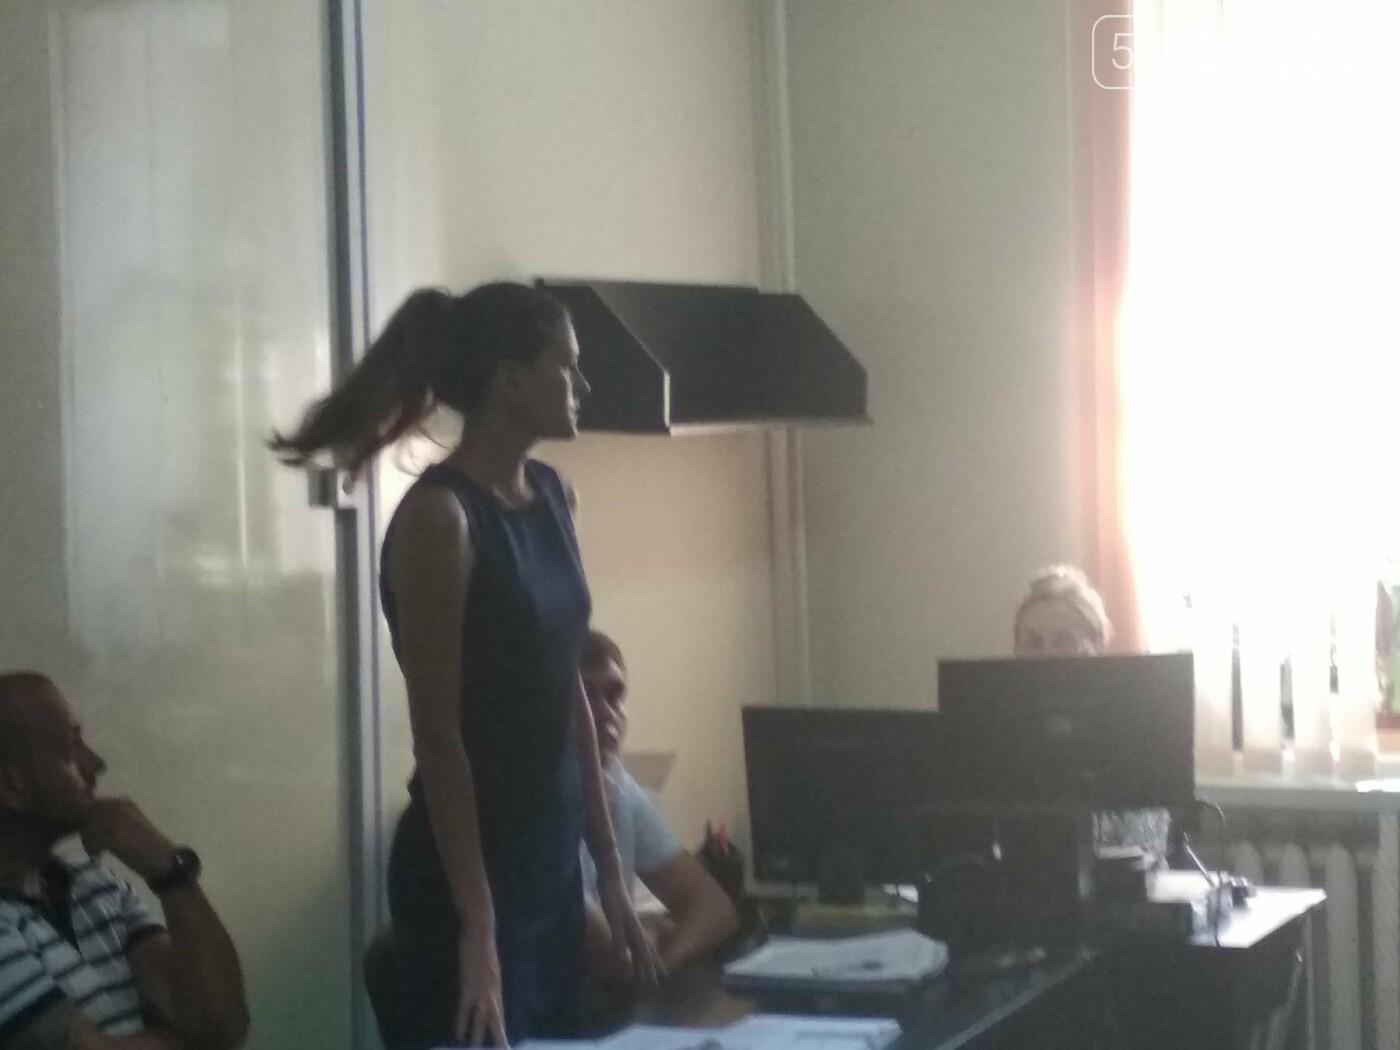 Дело об избиении врача: в Каменском за хулиганство суд избрал меру пресечения для Евгения Найды, фото-8